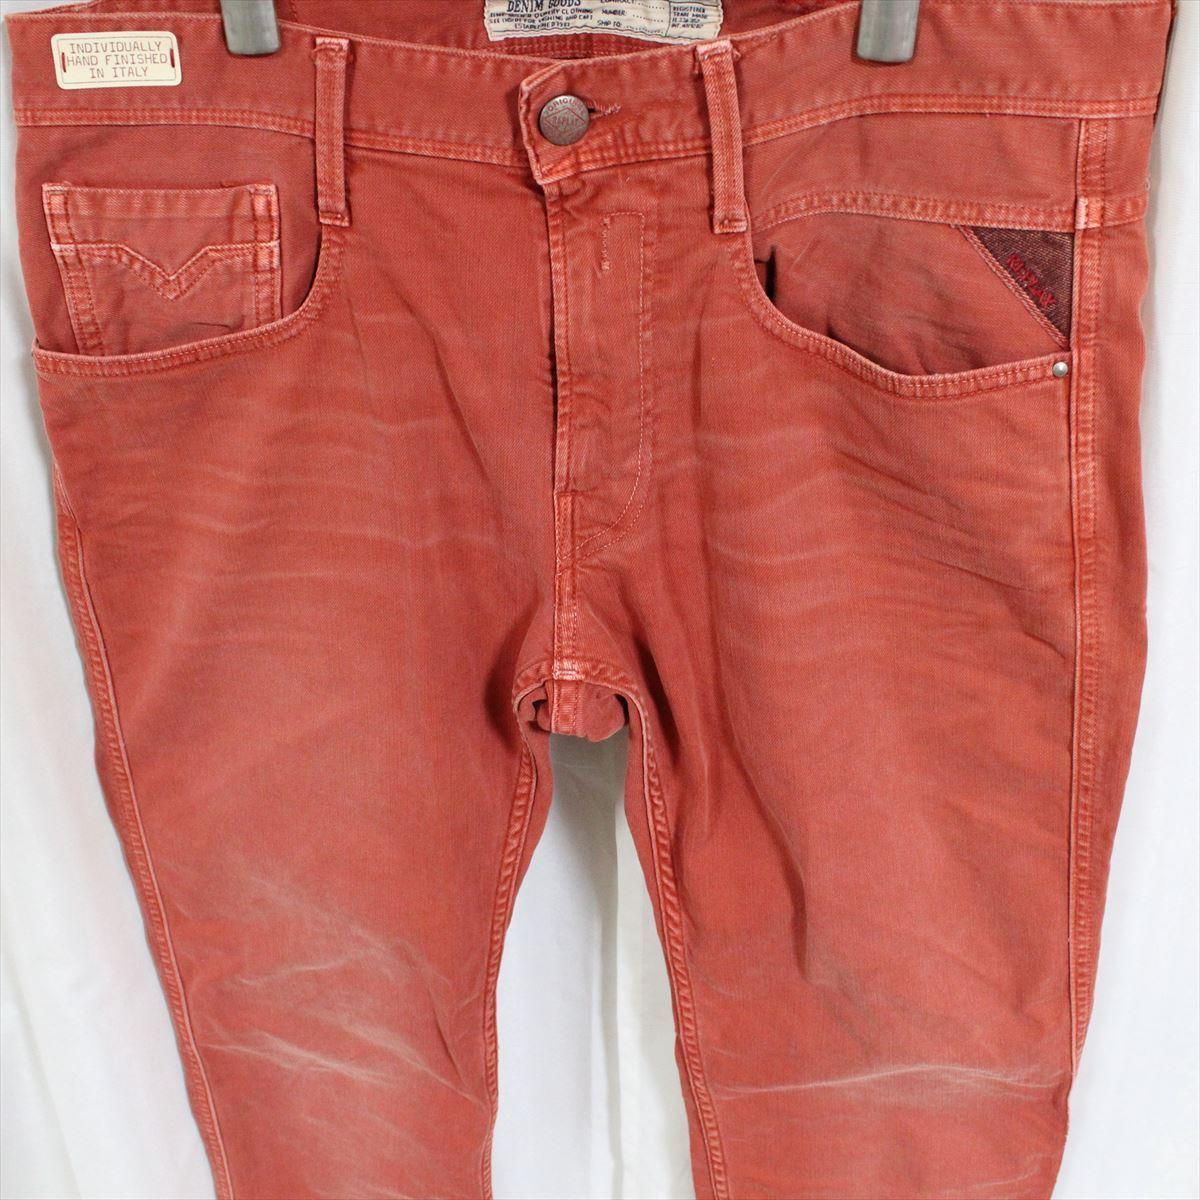 リプレイ REPLAY メンズカラーパンツ ジーンズ デニムパンツ SLIM レンガ色 33インチ 新品 REPLAY BLUE JEANS anbass slim jeans_画像2